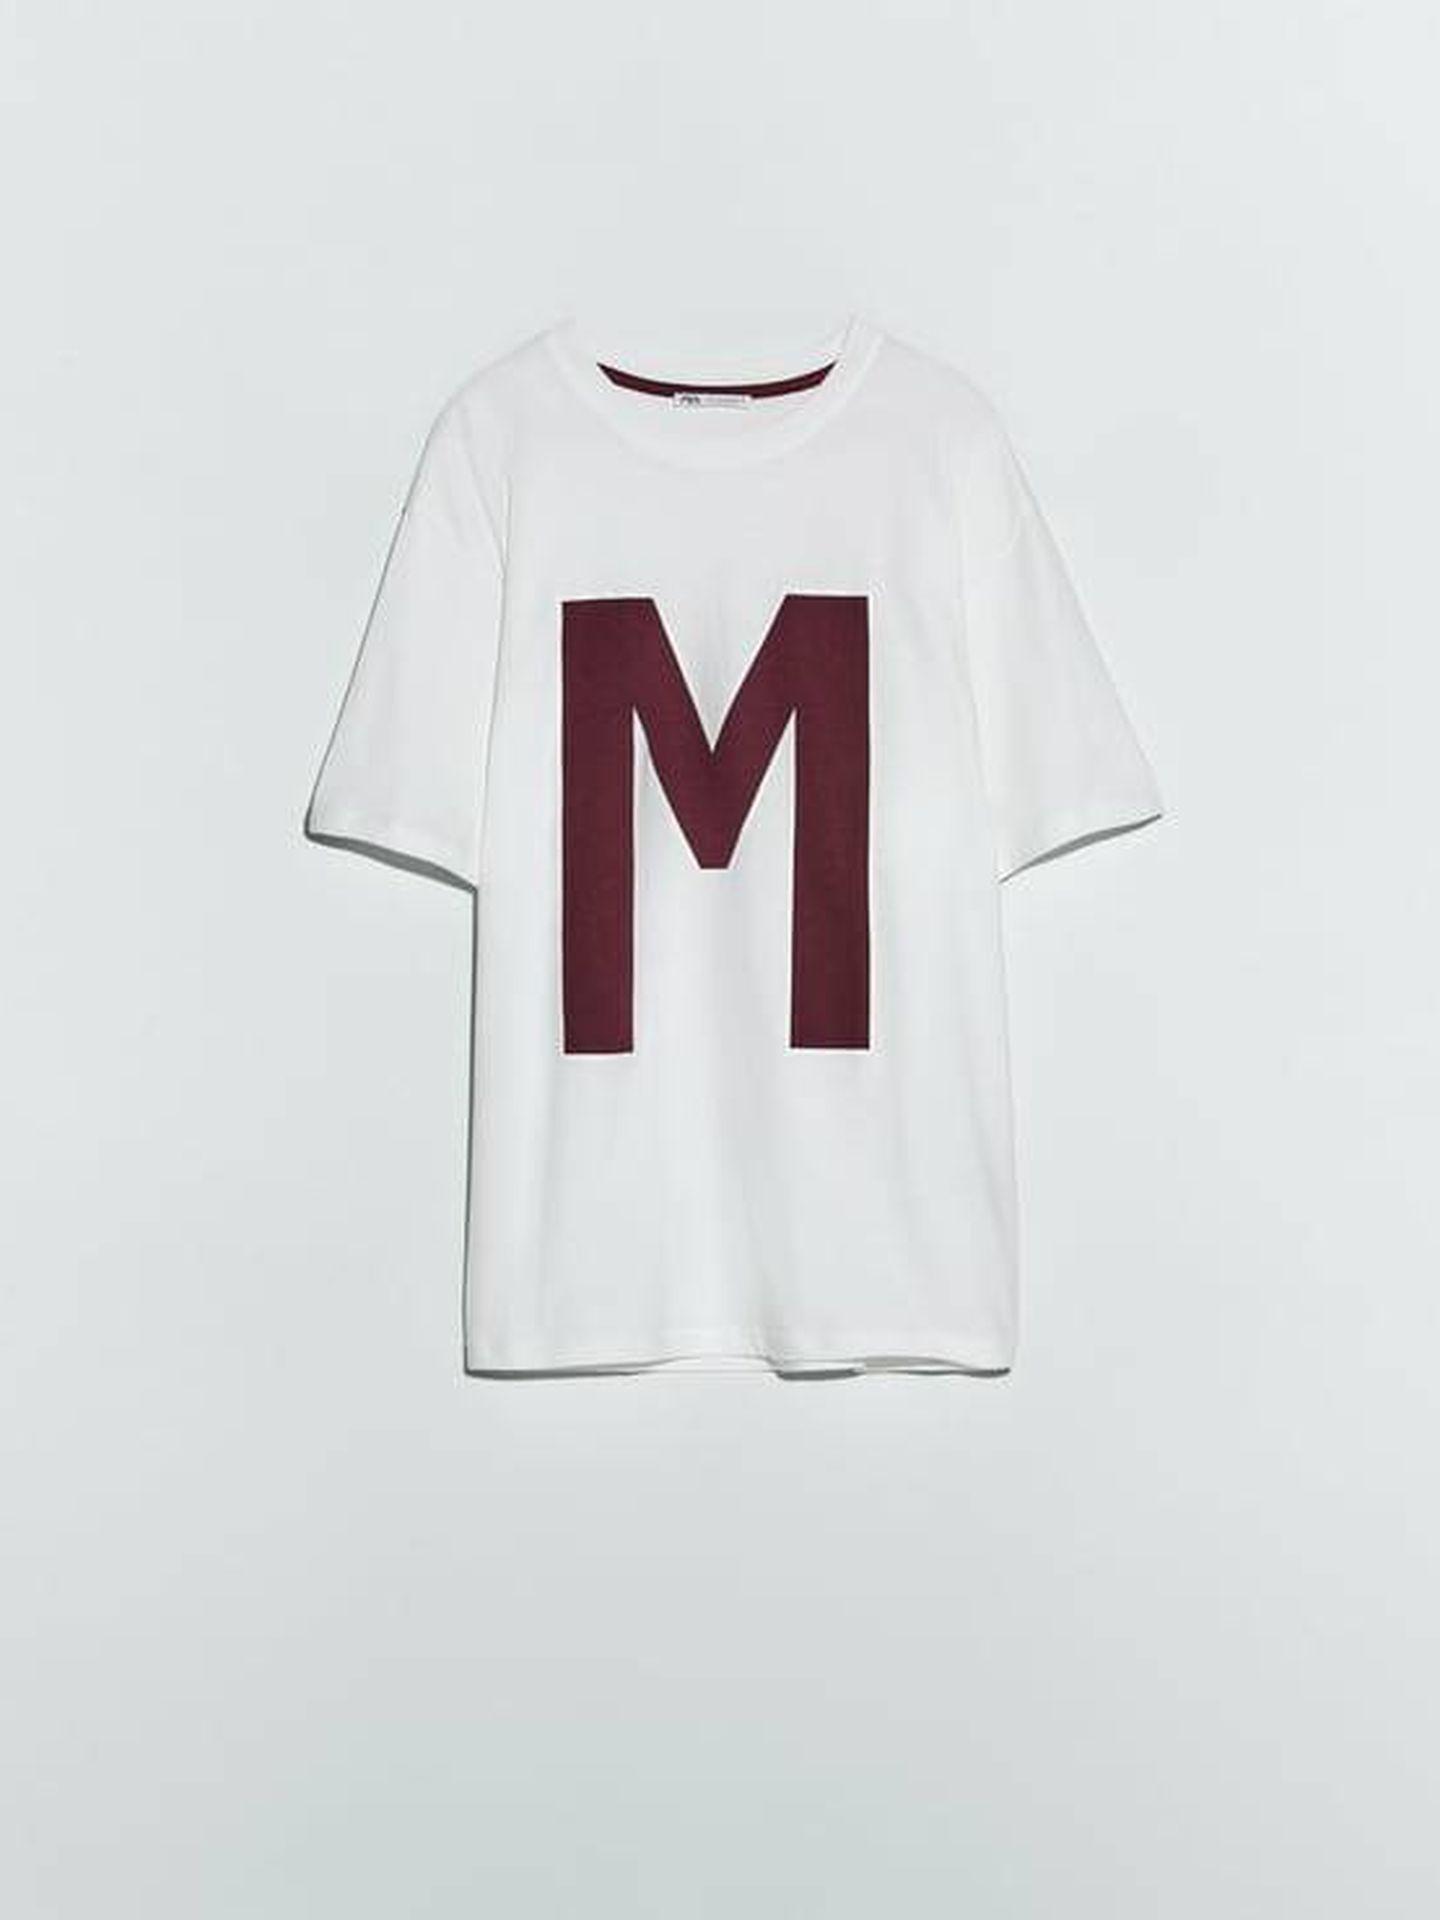 Camiseta de Massimo Dutti. (Cortesía)